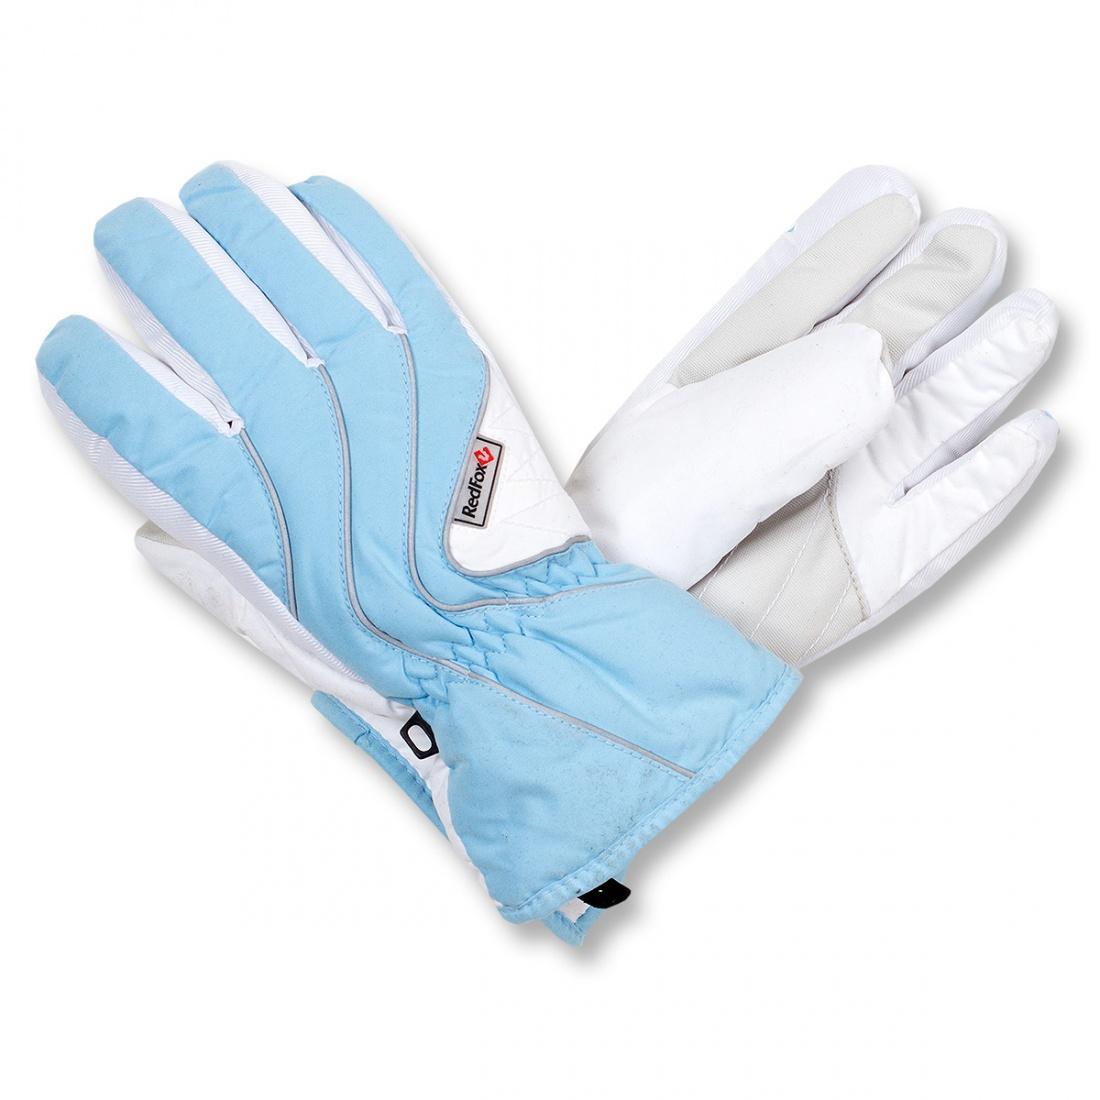 Перчатки утепленные Lines ДетскиеПерчатки<br><br> Детские перчатки Lines предназначены для использования в холодную погоду во время активных видов отдыха. Специальная водоотталкивающая ...<br><br>Цвет: Небесно-голубой<br>Размер: XL